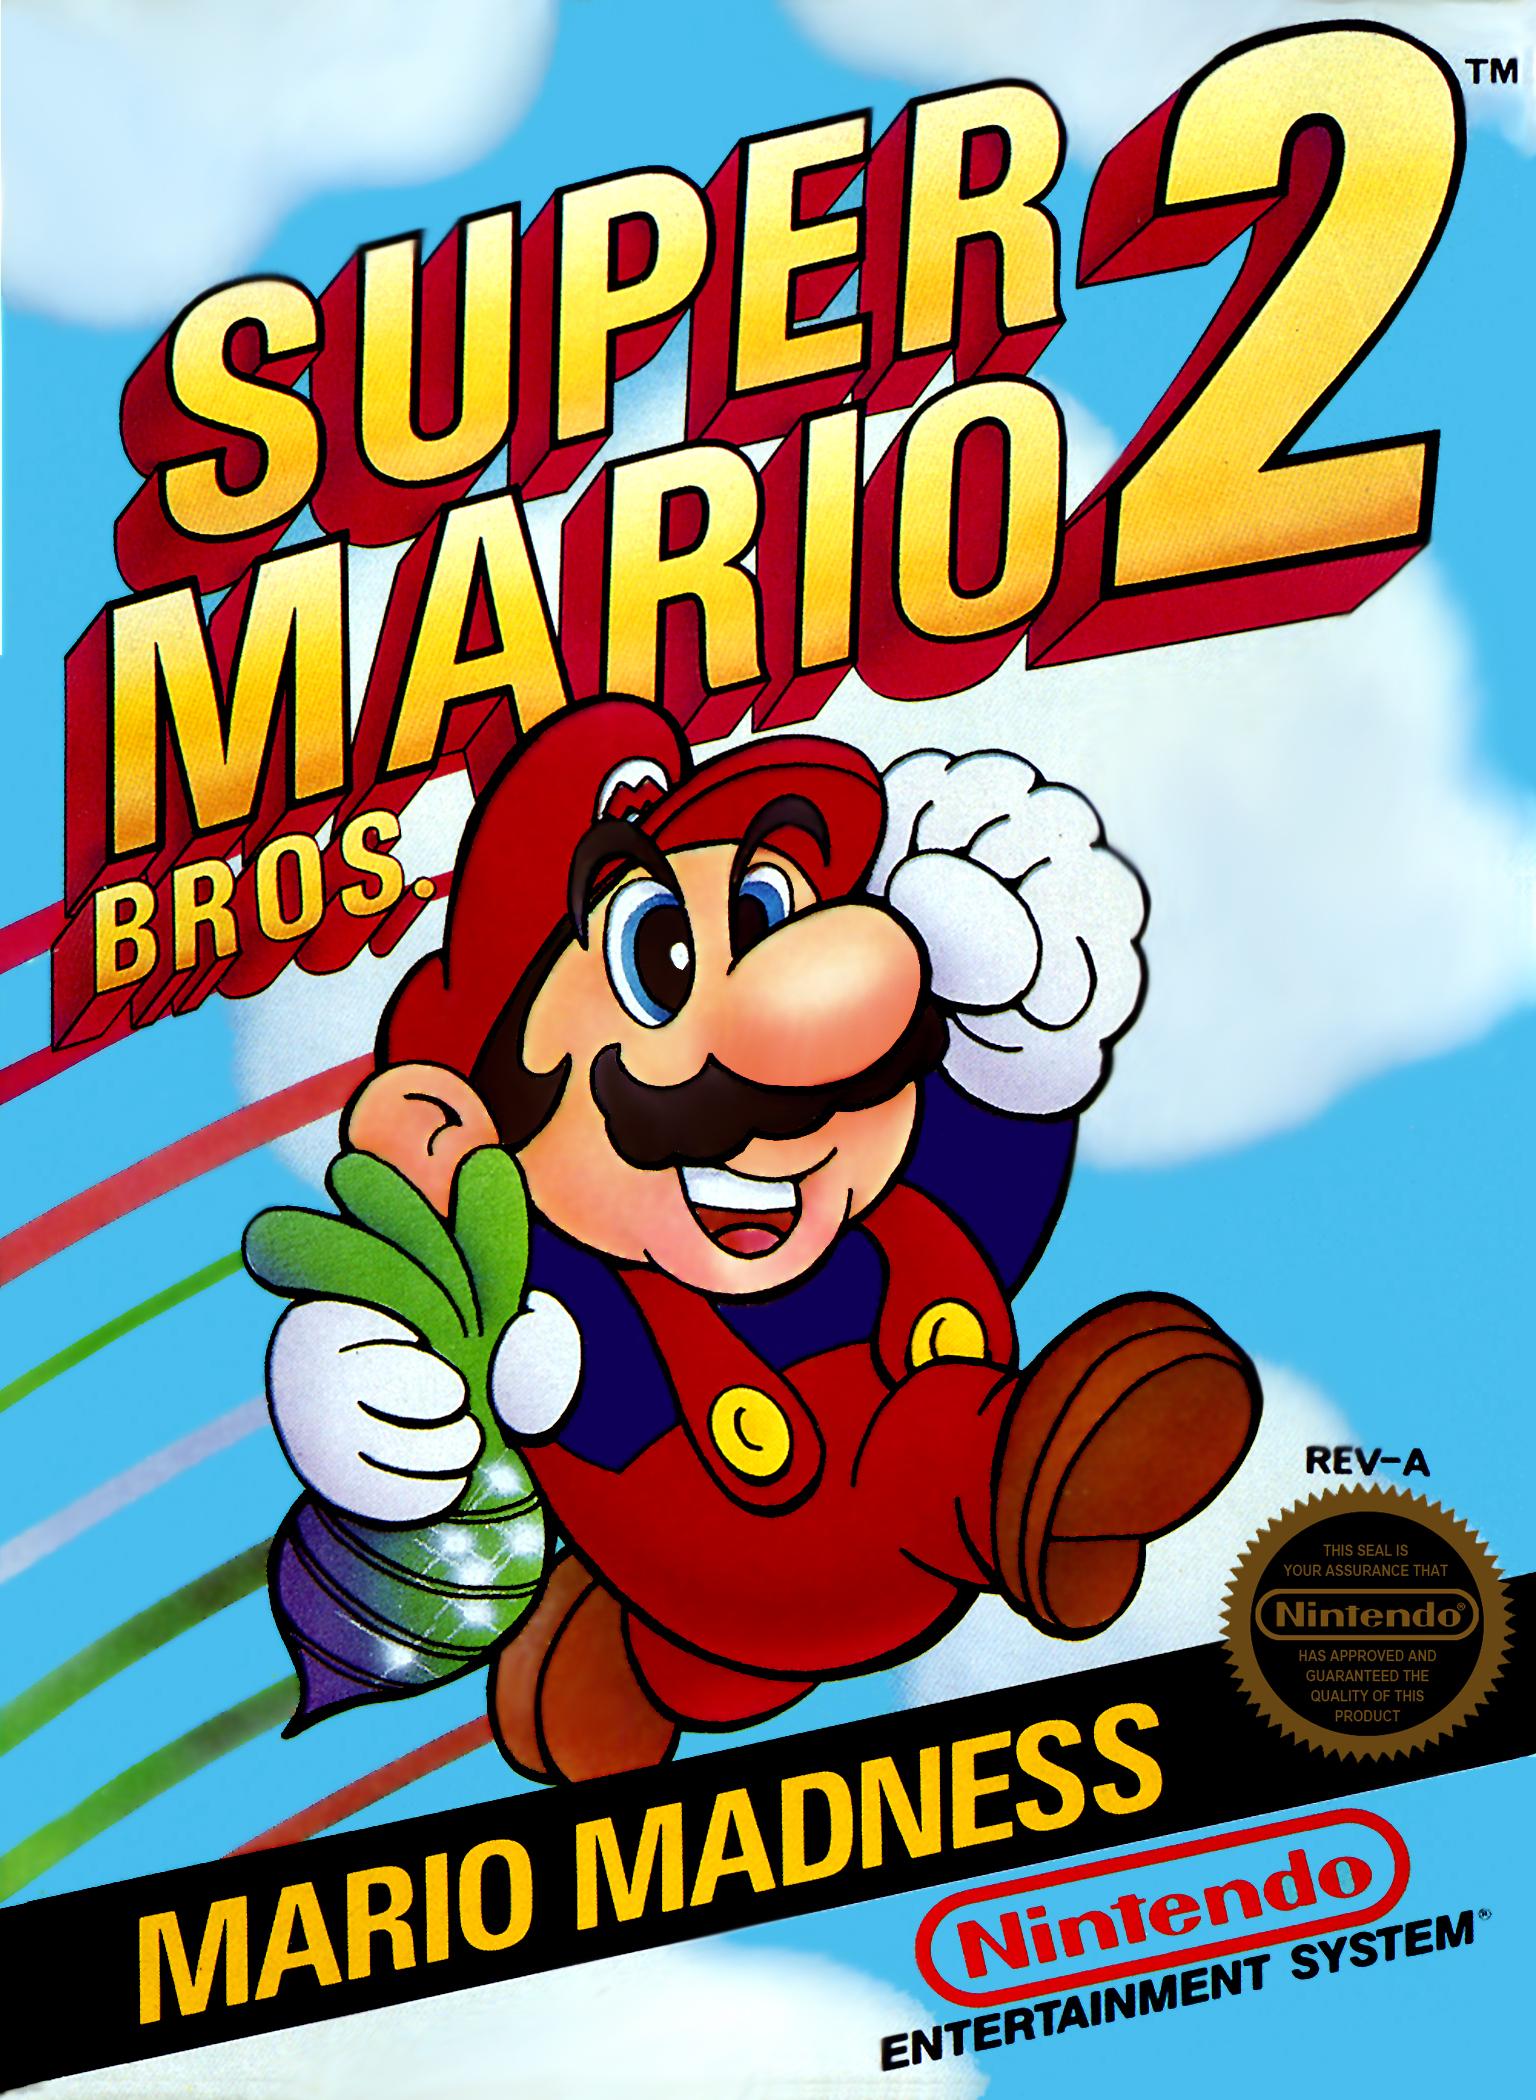 Mar10 - Super Mario Bros 2